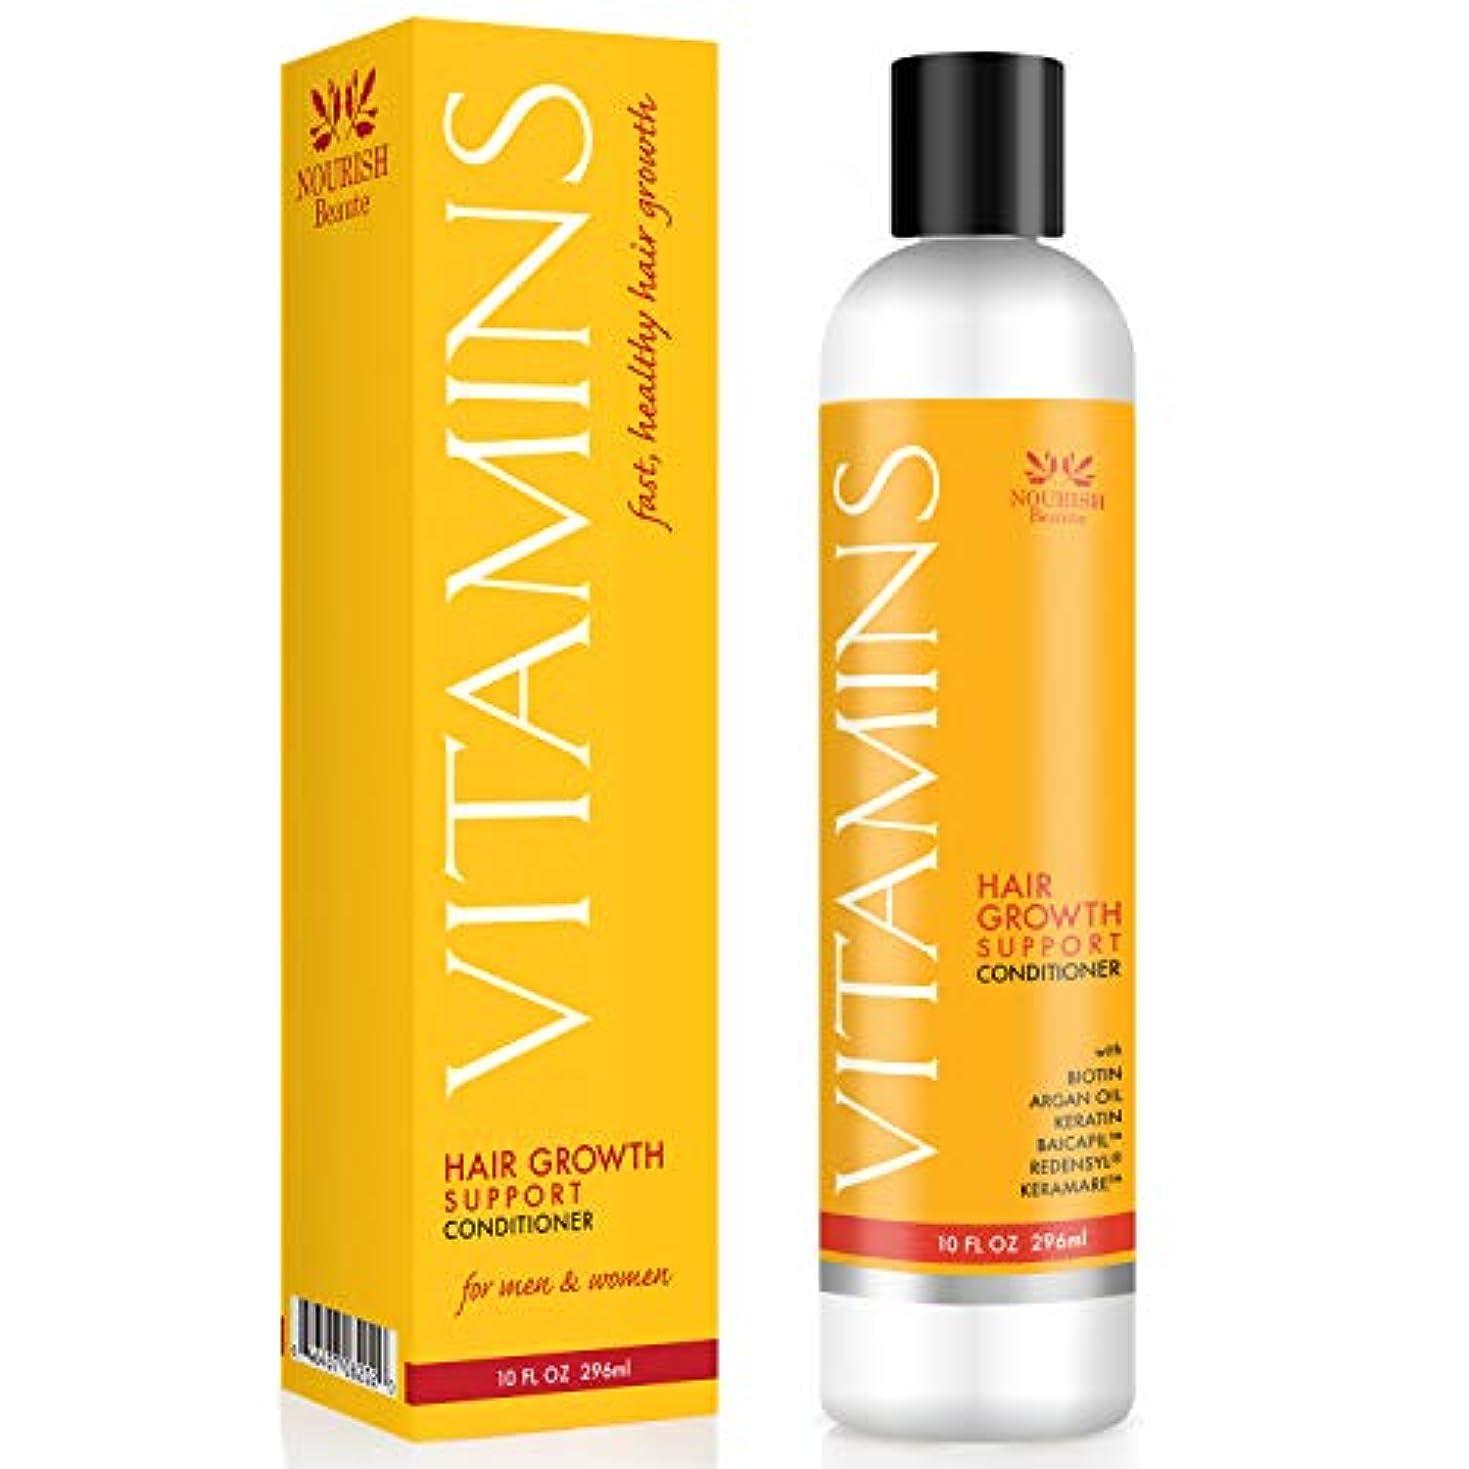 シティ膨張する地理Vitamins - オーガニック 脱毛トリートメント コンディショナー Organic Hair Loss Treatment and Conditioner, 10 Ounce (296ml)